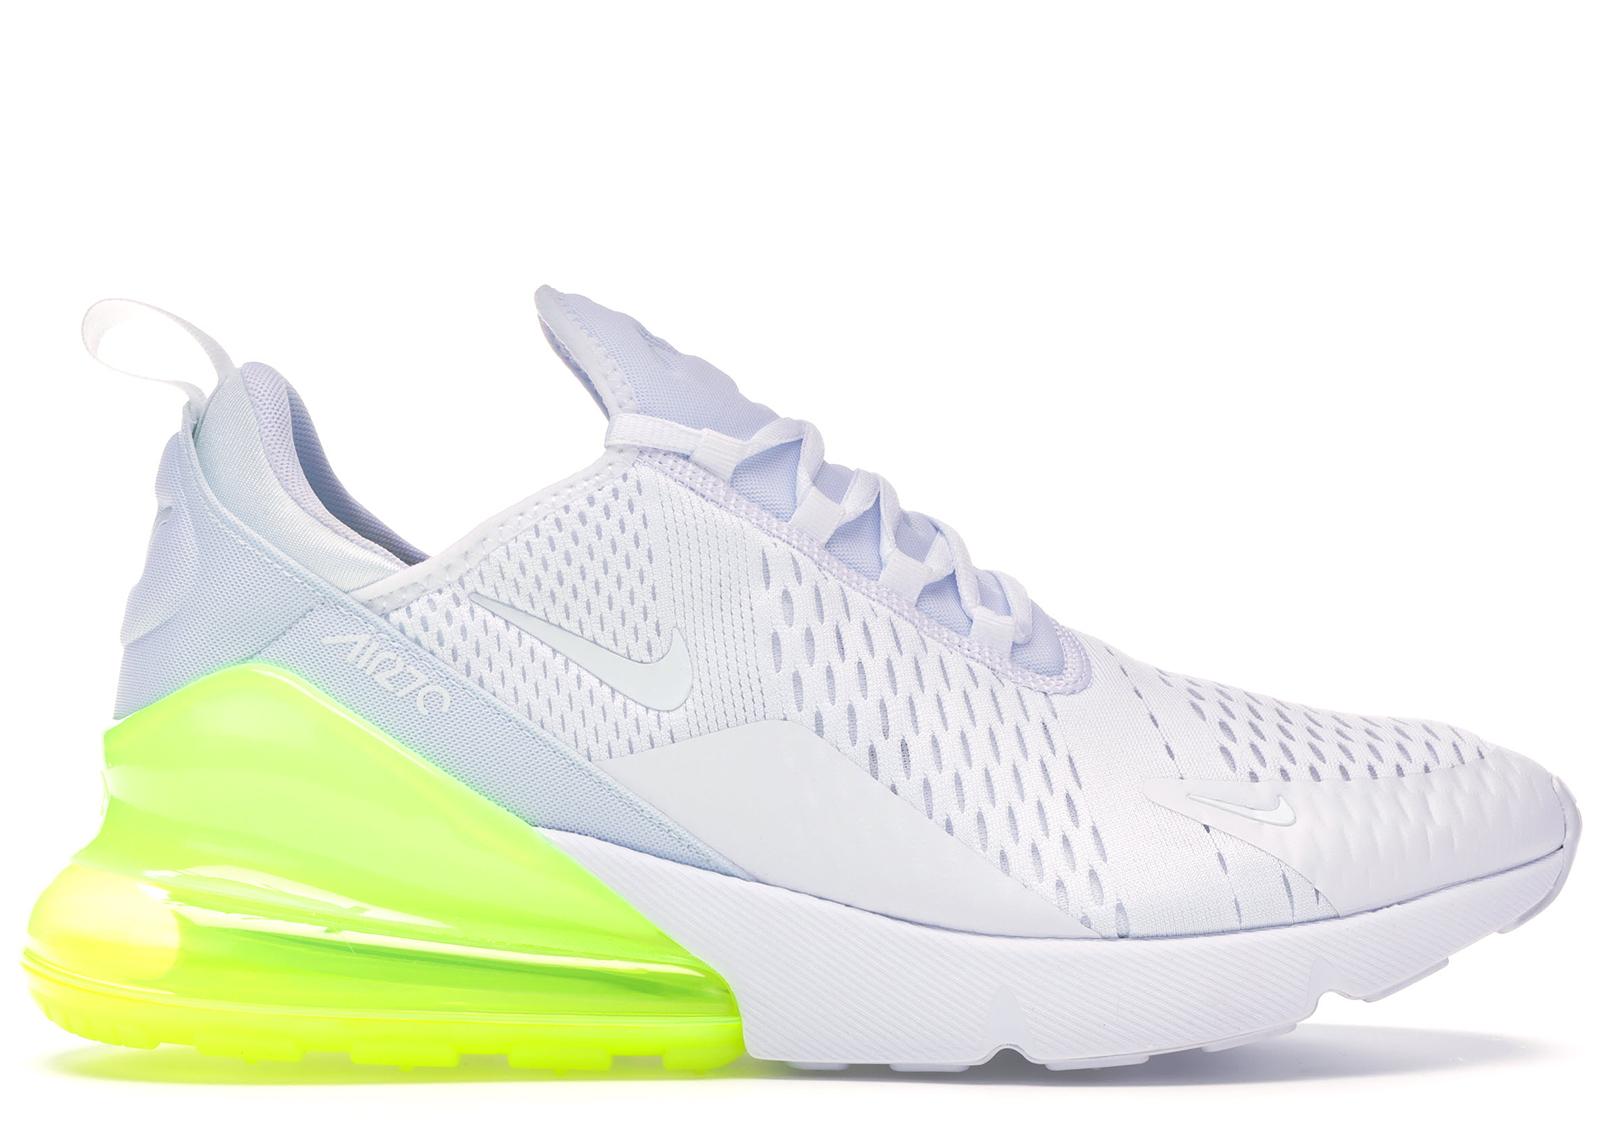 Nike Air Max 270 White Pack (Volt)